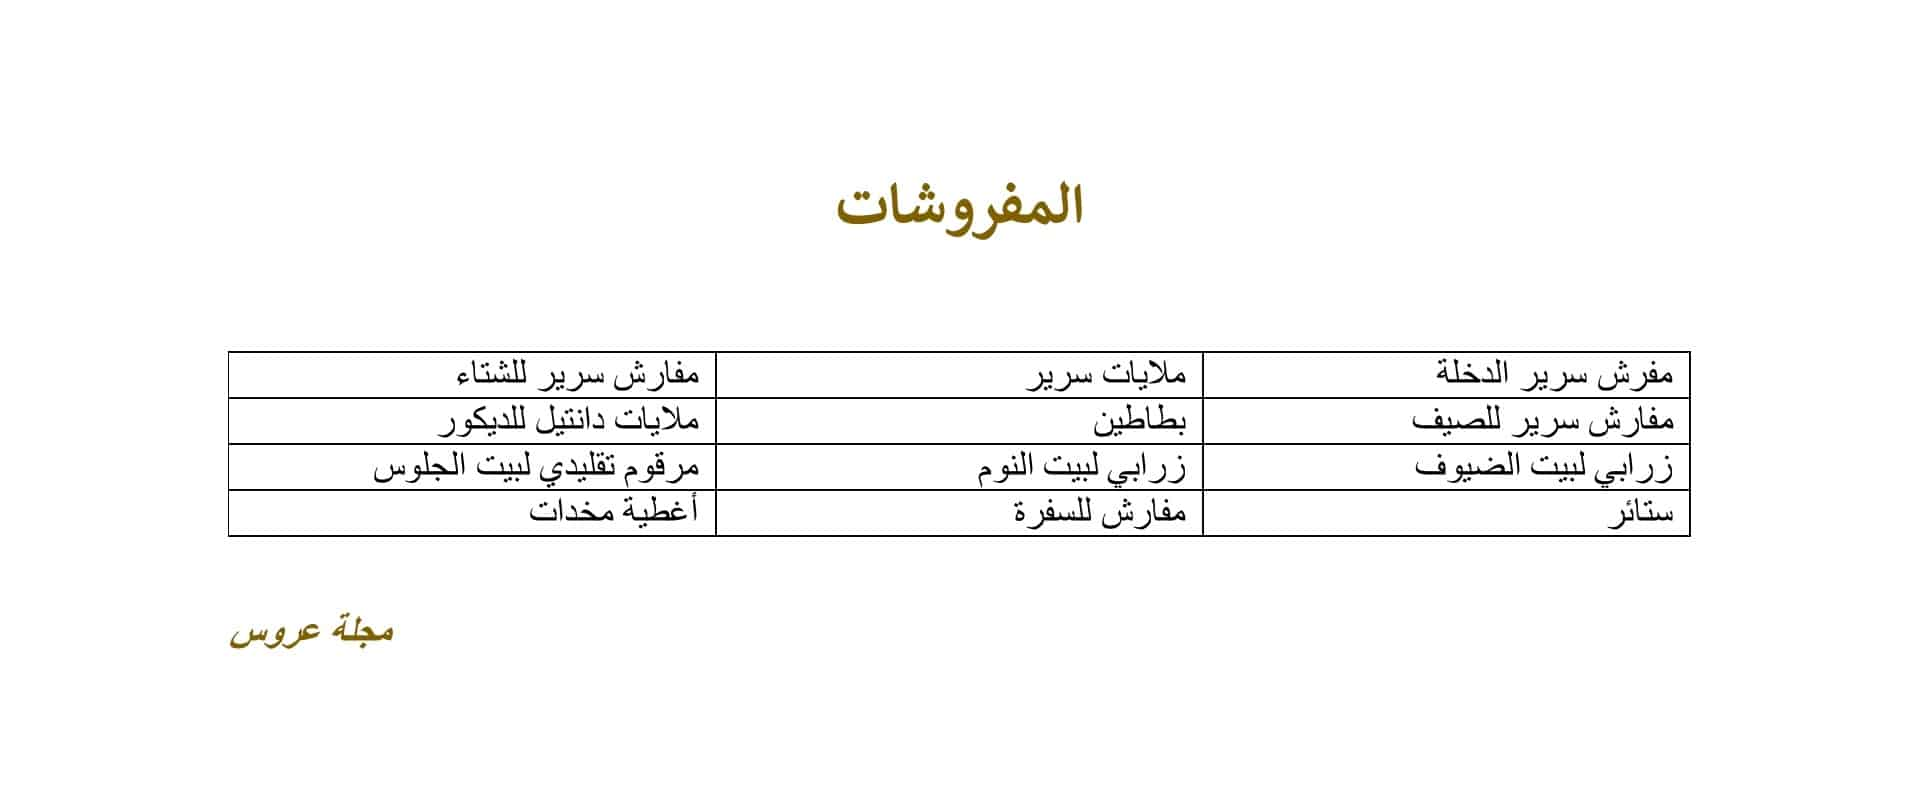 قائمة مفروشات جهاز العروس